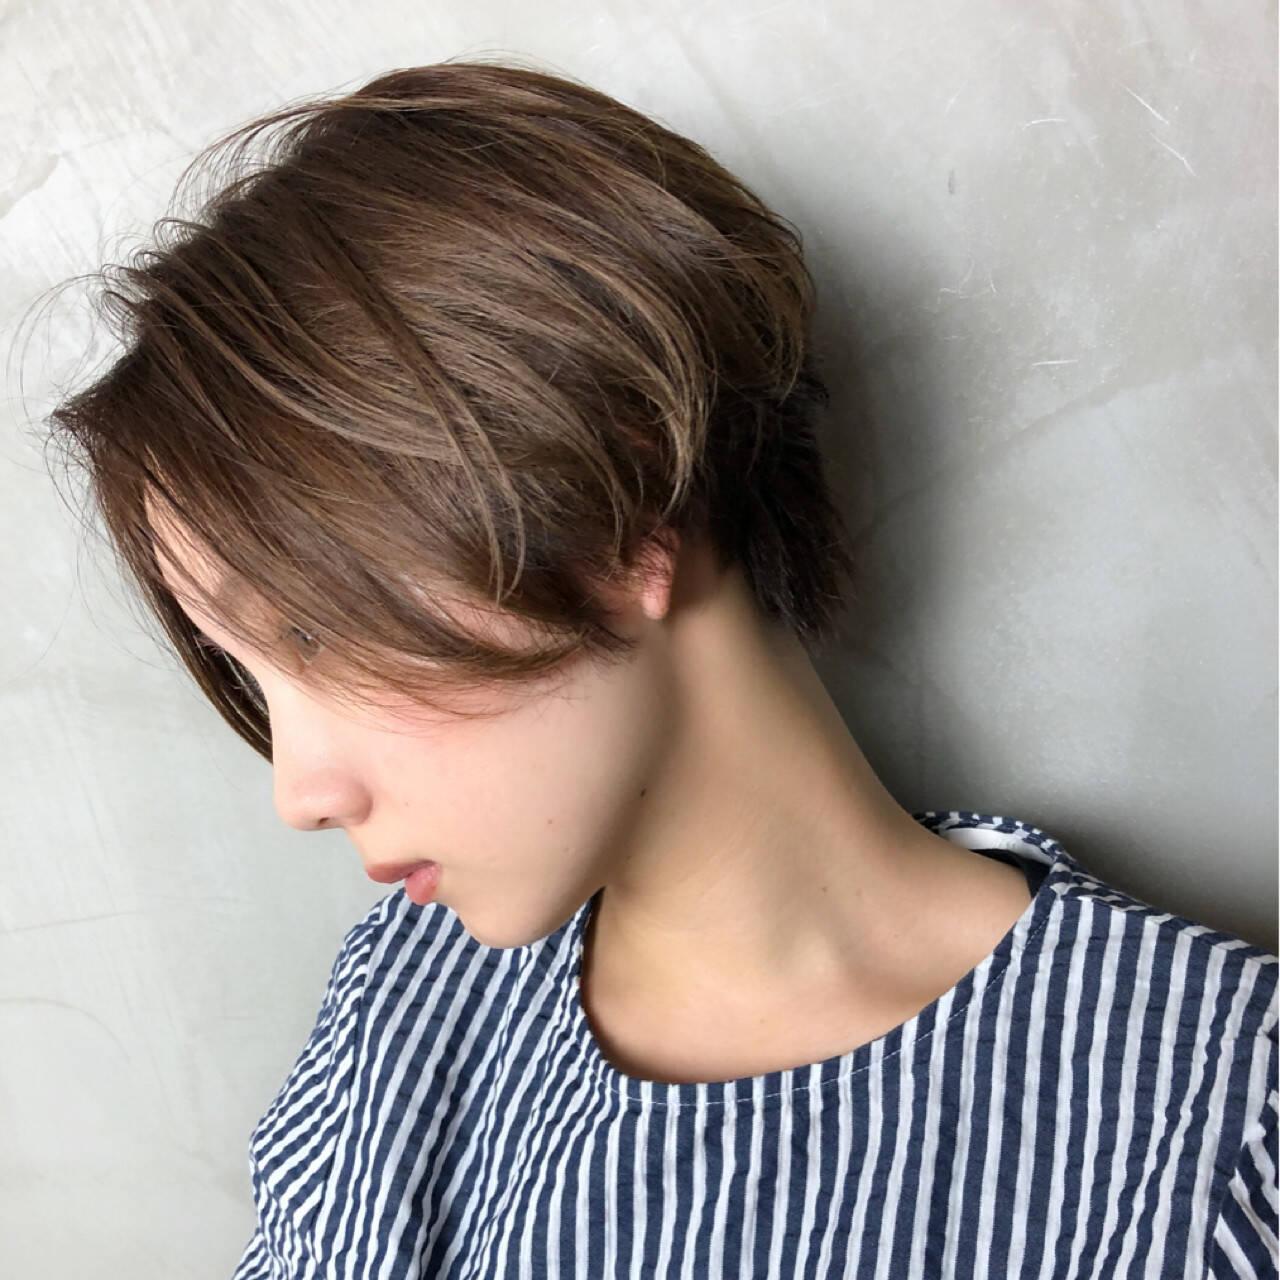 無造作 大人かわいい ショートボブ 前下がりヘアスタイルや髪型の写真・画像